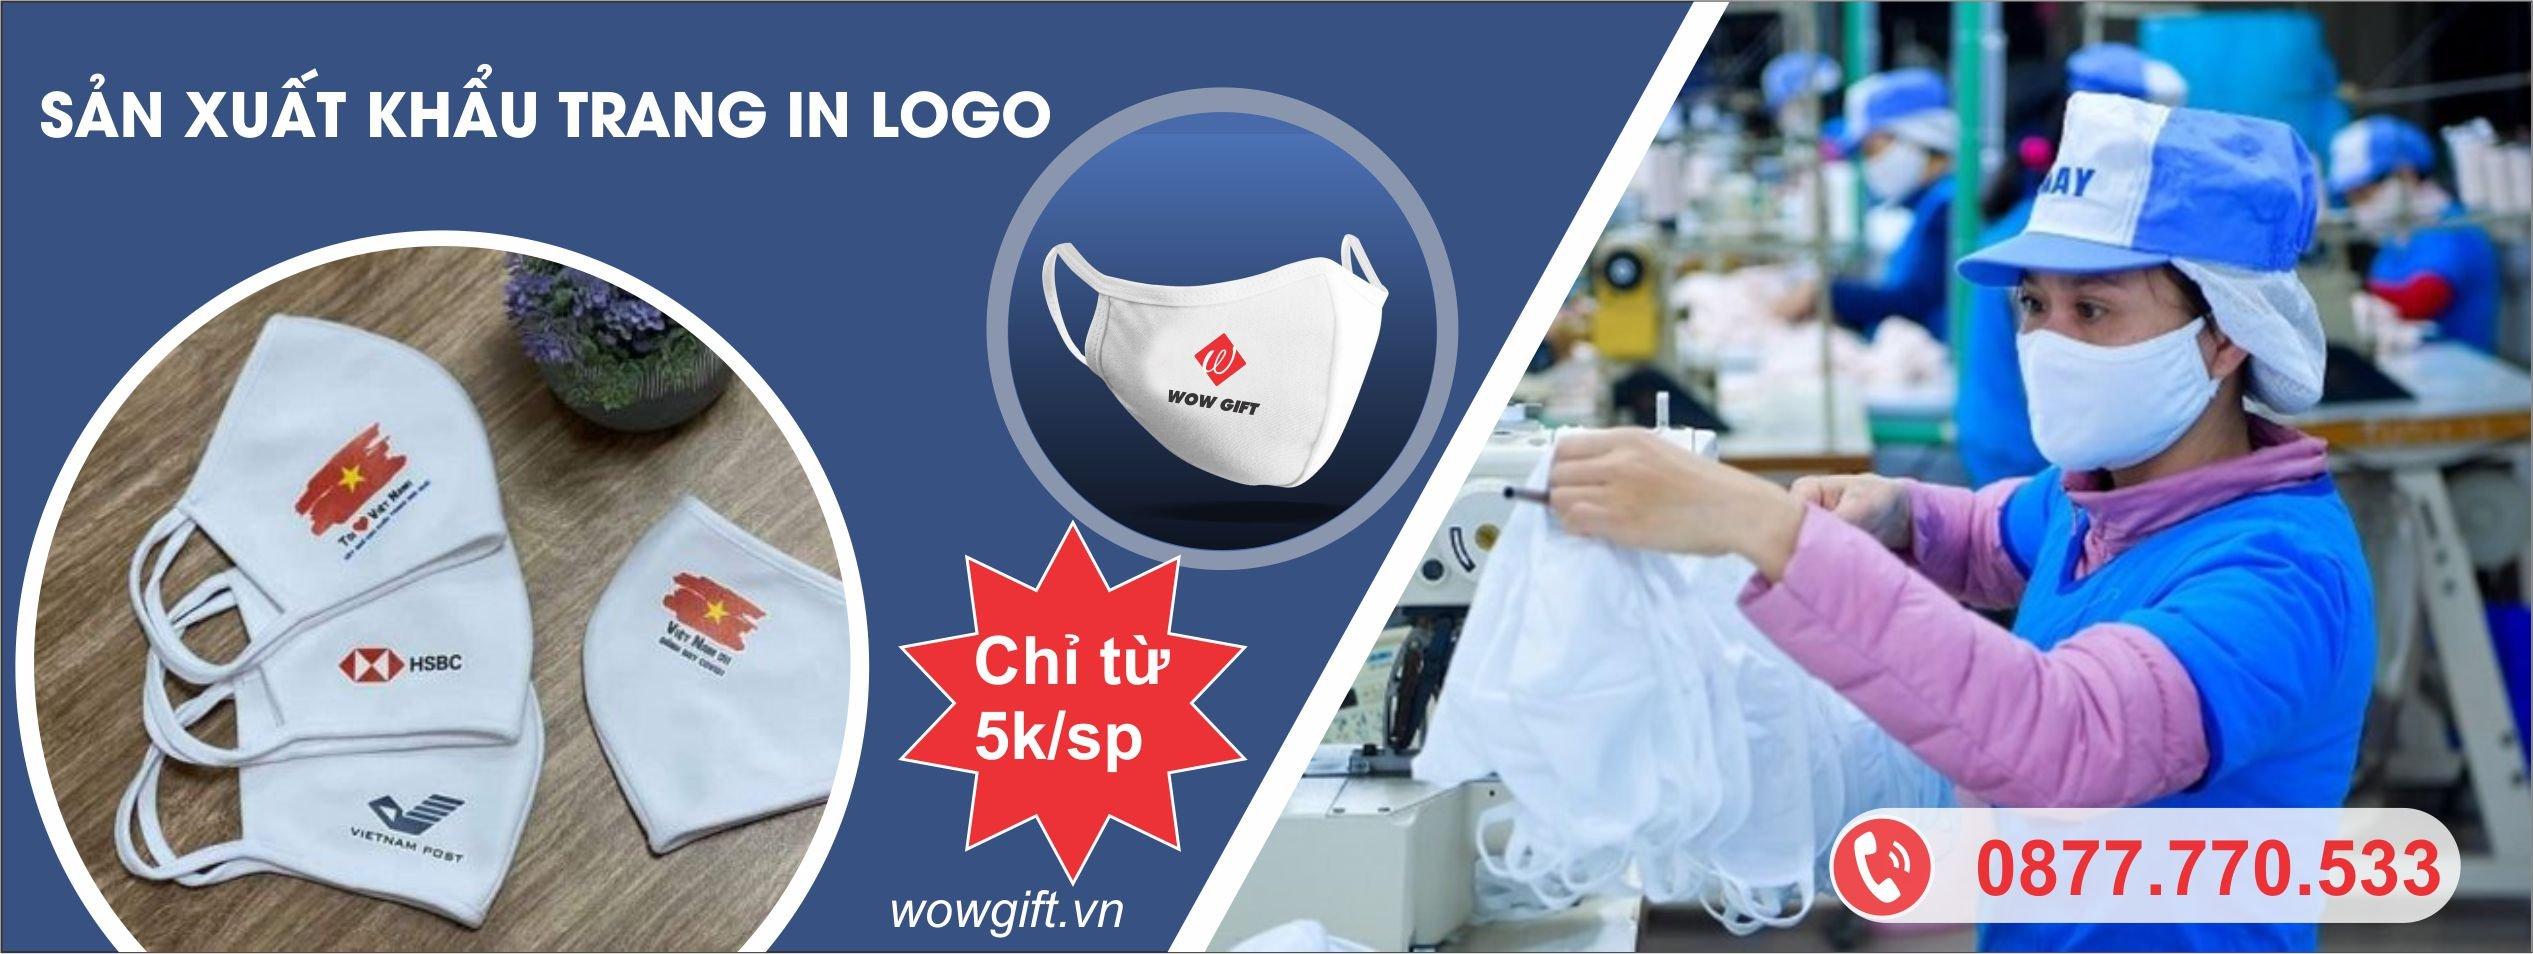 đặt khẩu trang in logo doanh nghiệp